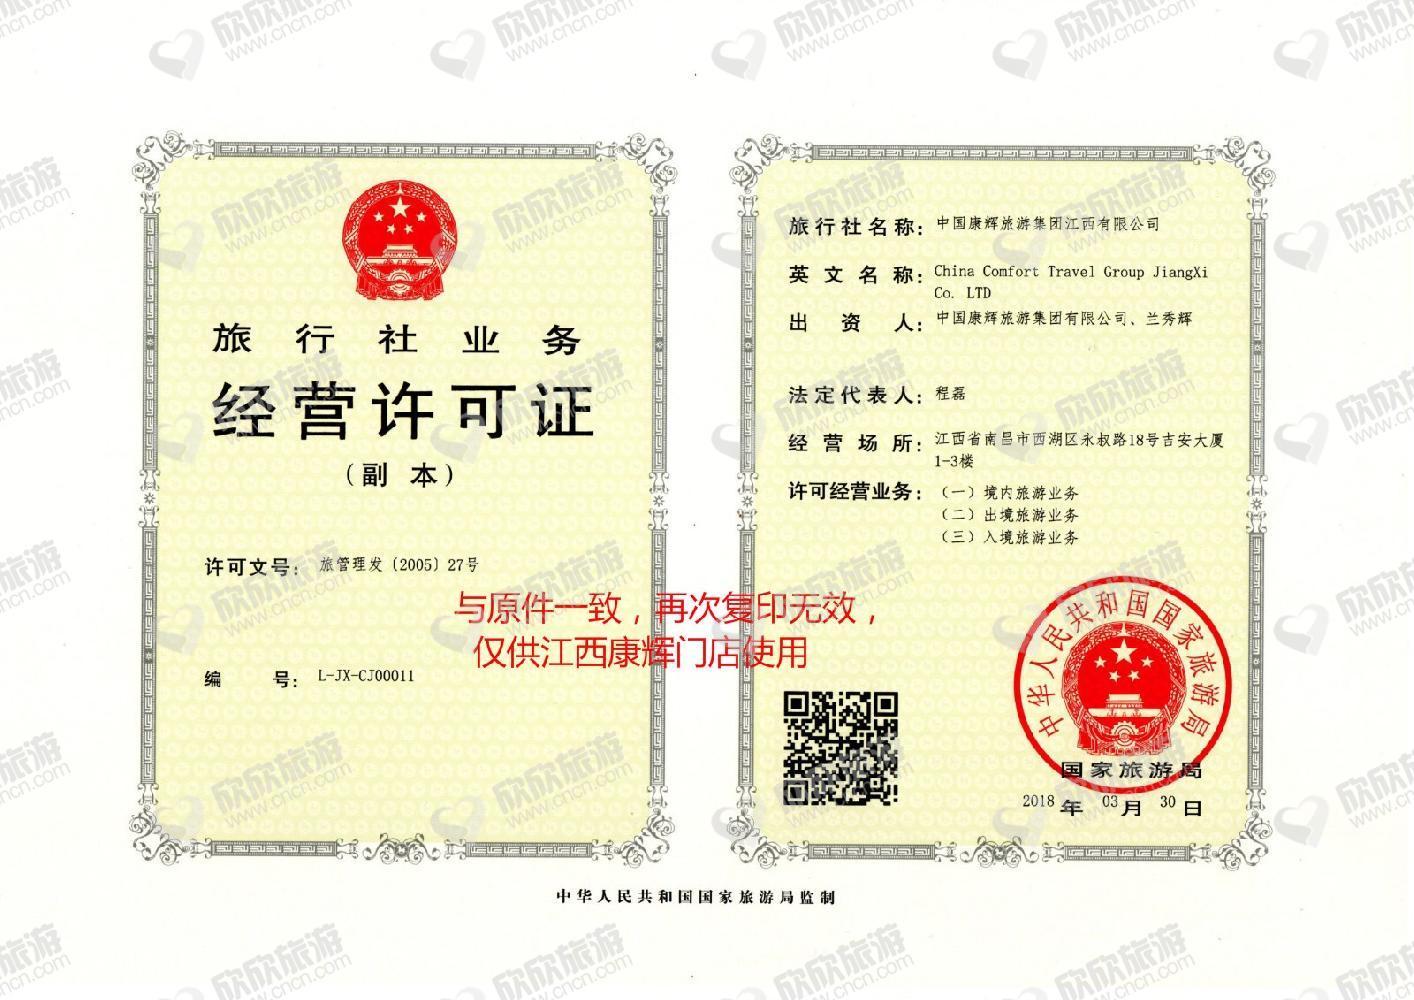 江西康辉国际旅行社有限责任公司万达星城营业部经营许可证